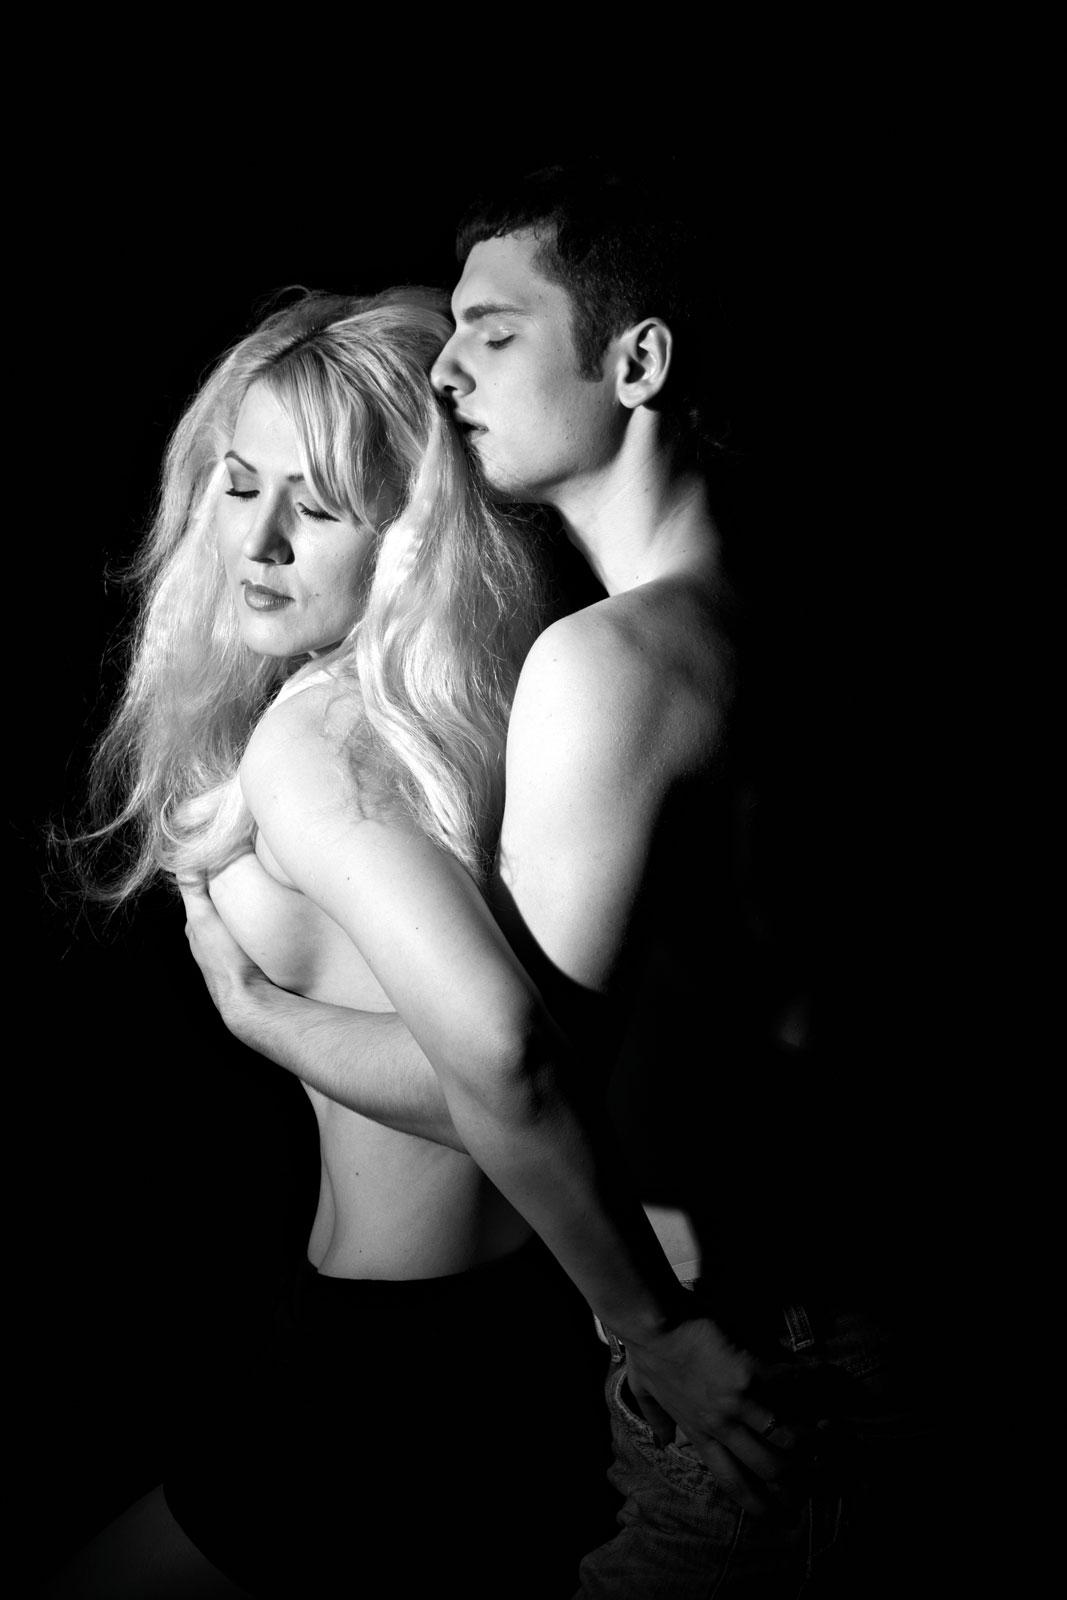 Эротическая фотосессия для пары  Эротическая фотоcессия